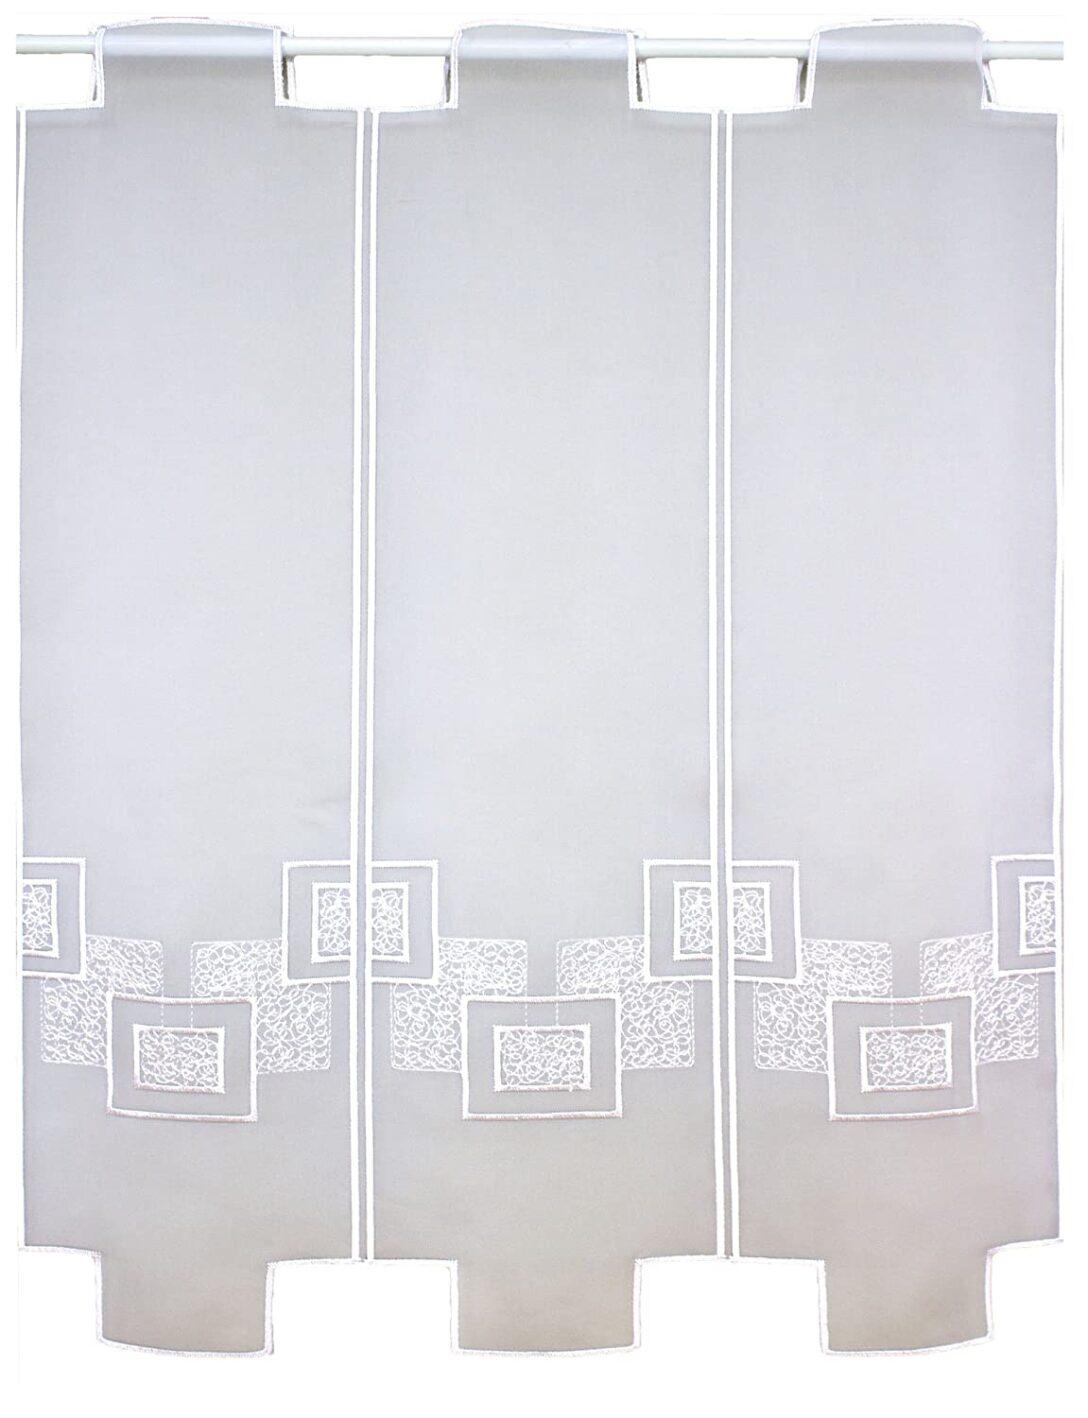 Large Size of Scheibengardinen Nach Ma Julia Tapete Küche Modern Deckenlampen Wohnzimmer Moderne Duschen Modernes Sofa Bett Weiss Bilder Esstische Deckenleuchte Wohnzimmer Modern Küchengardinen